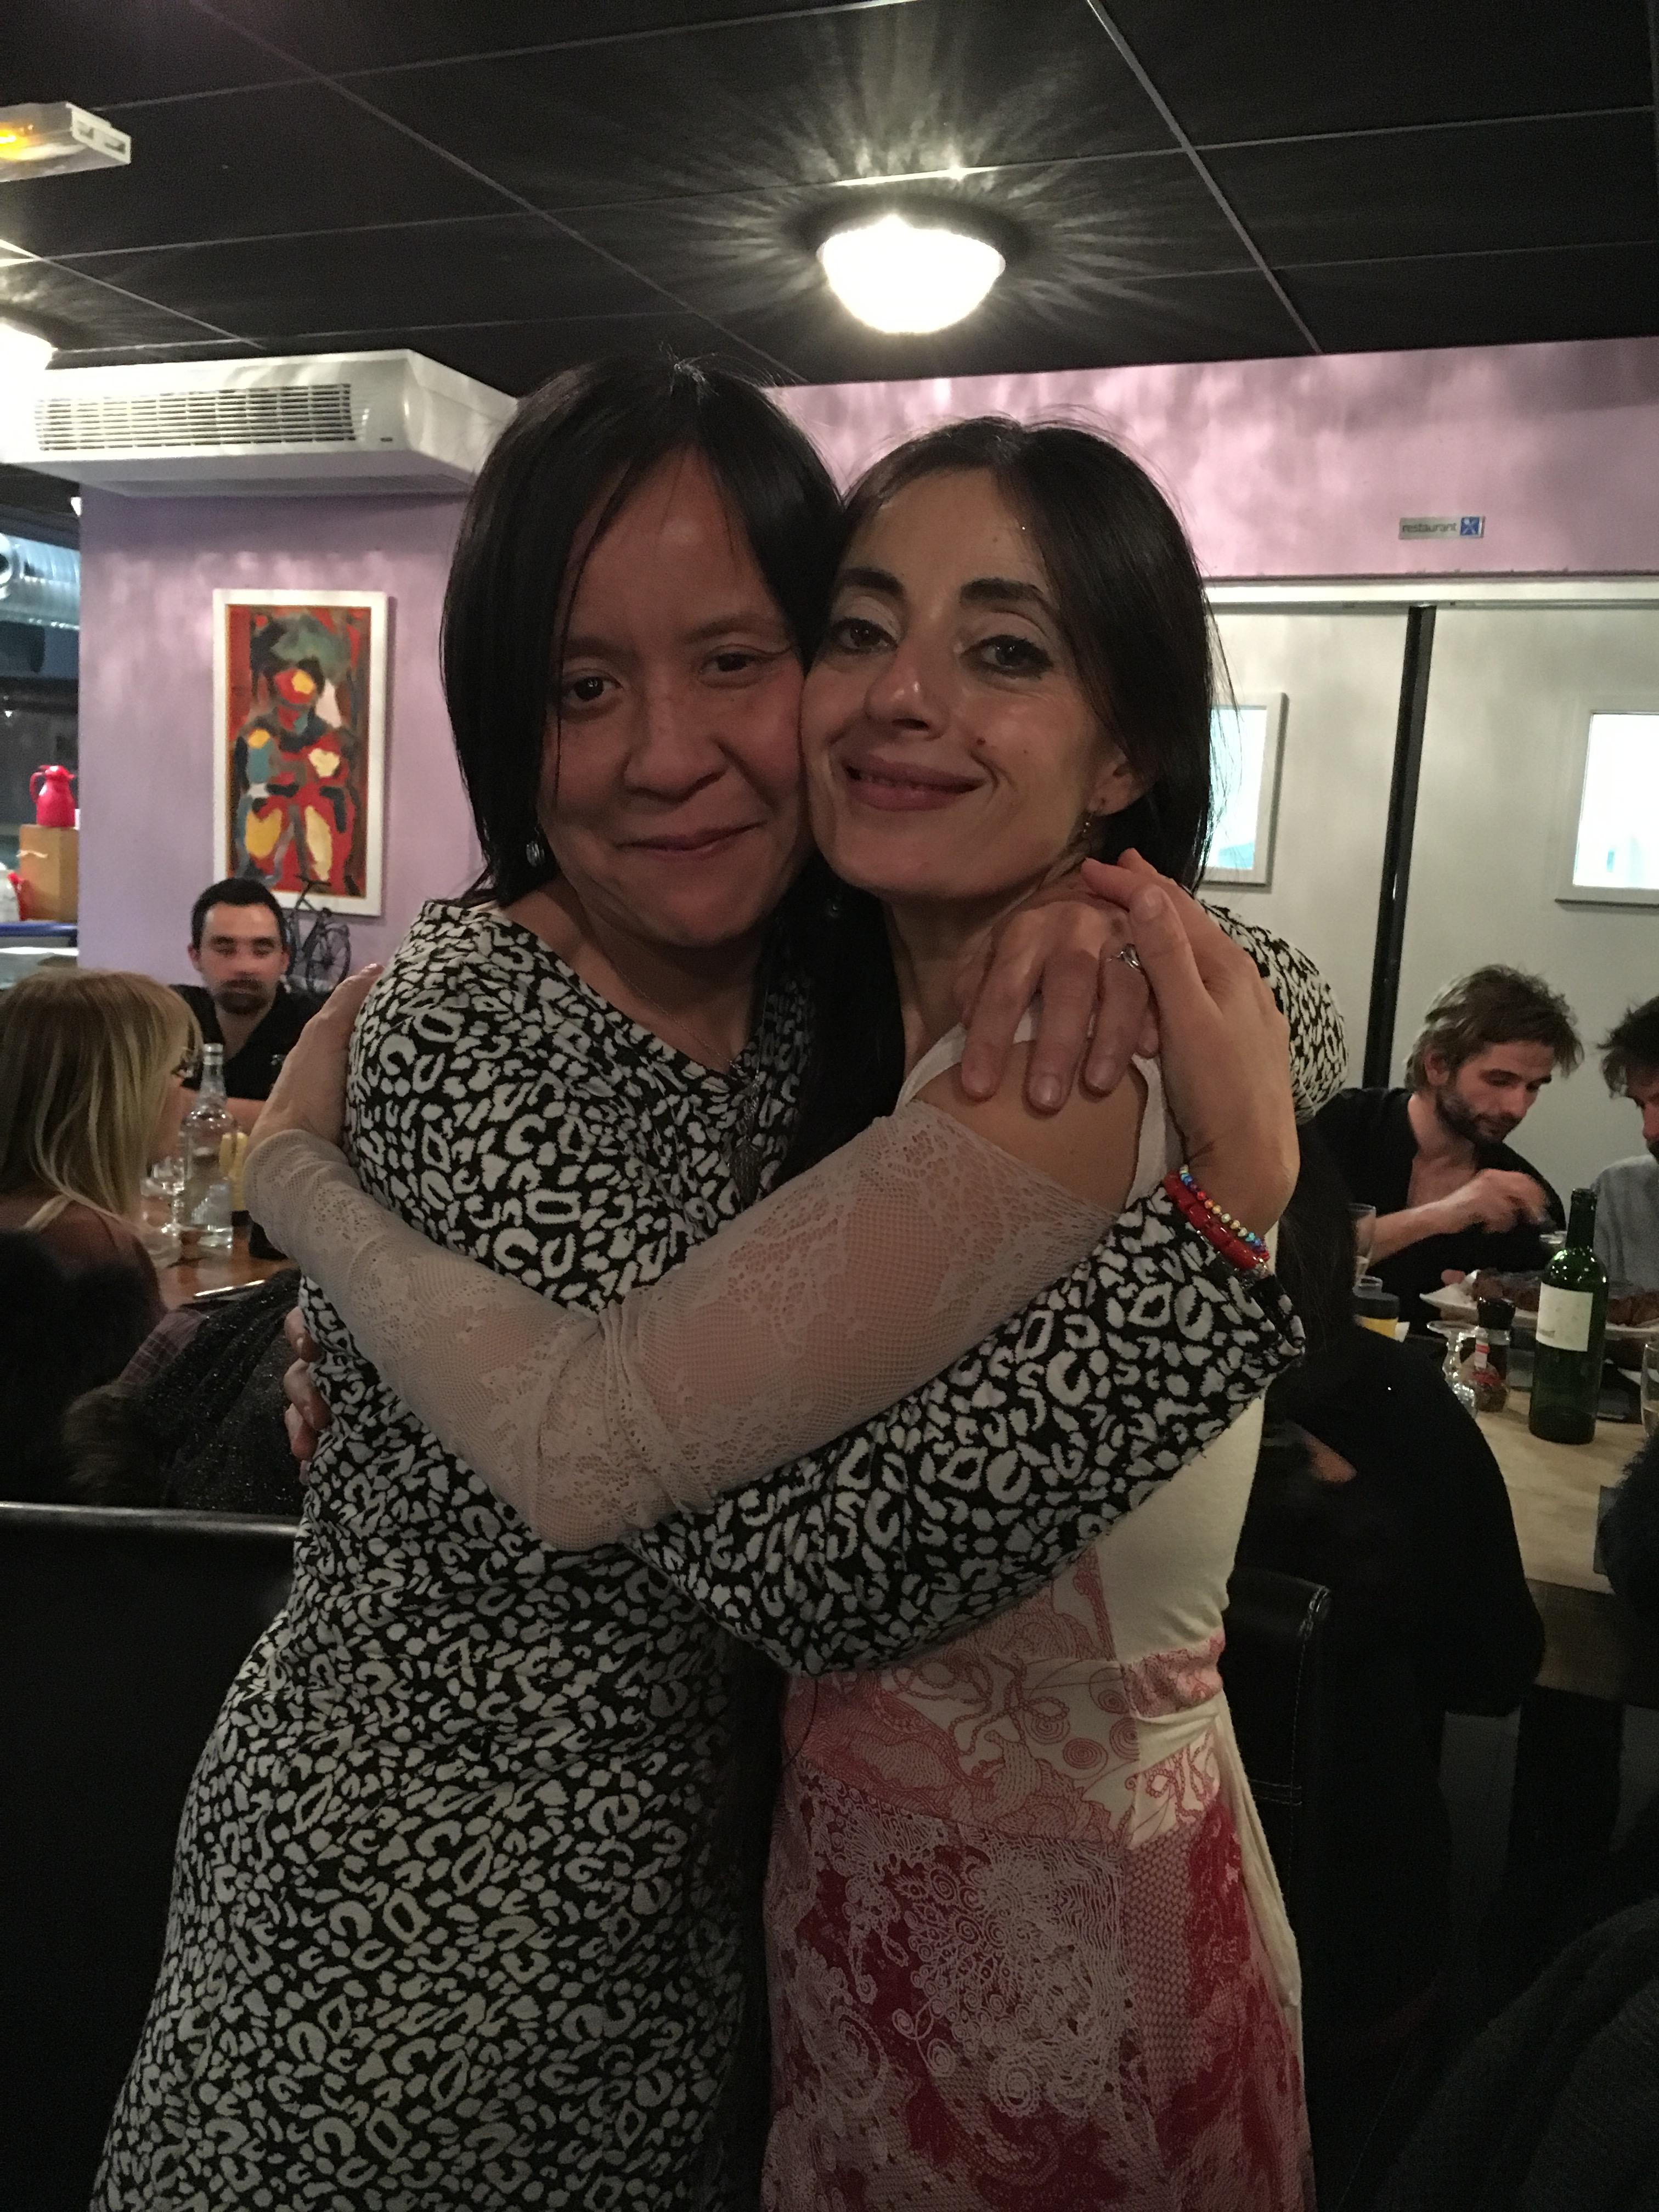 Câlin avec Christina ROSMINI le 16 janvier 2016 à Marseille après son spectacle El Niño Lorca